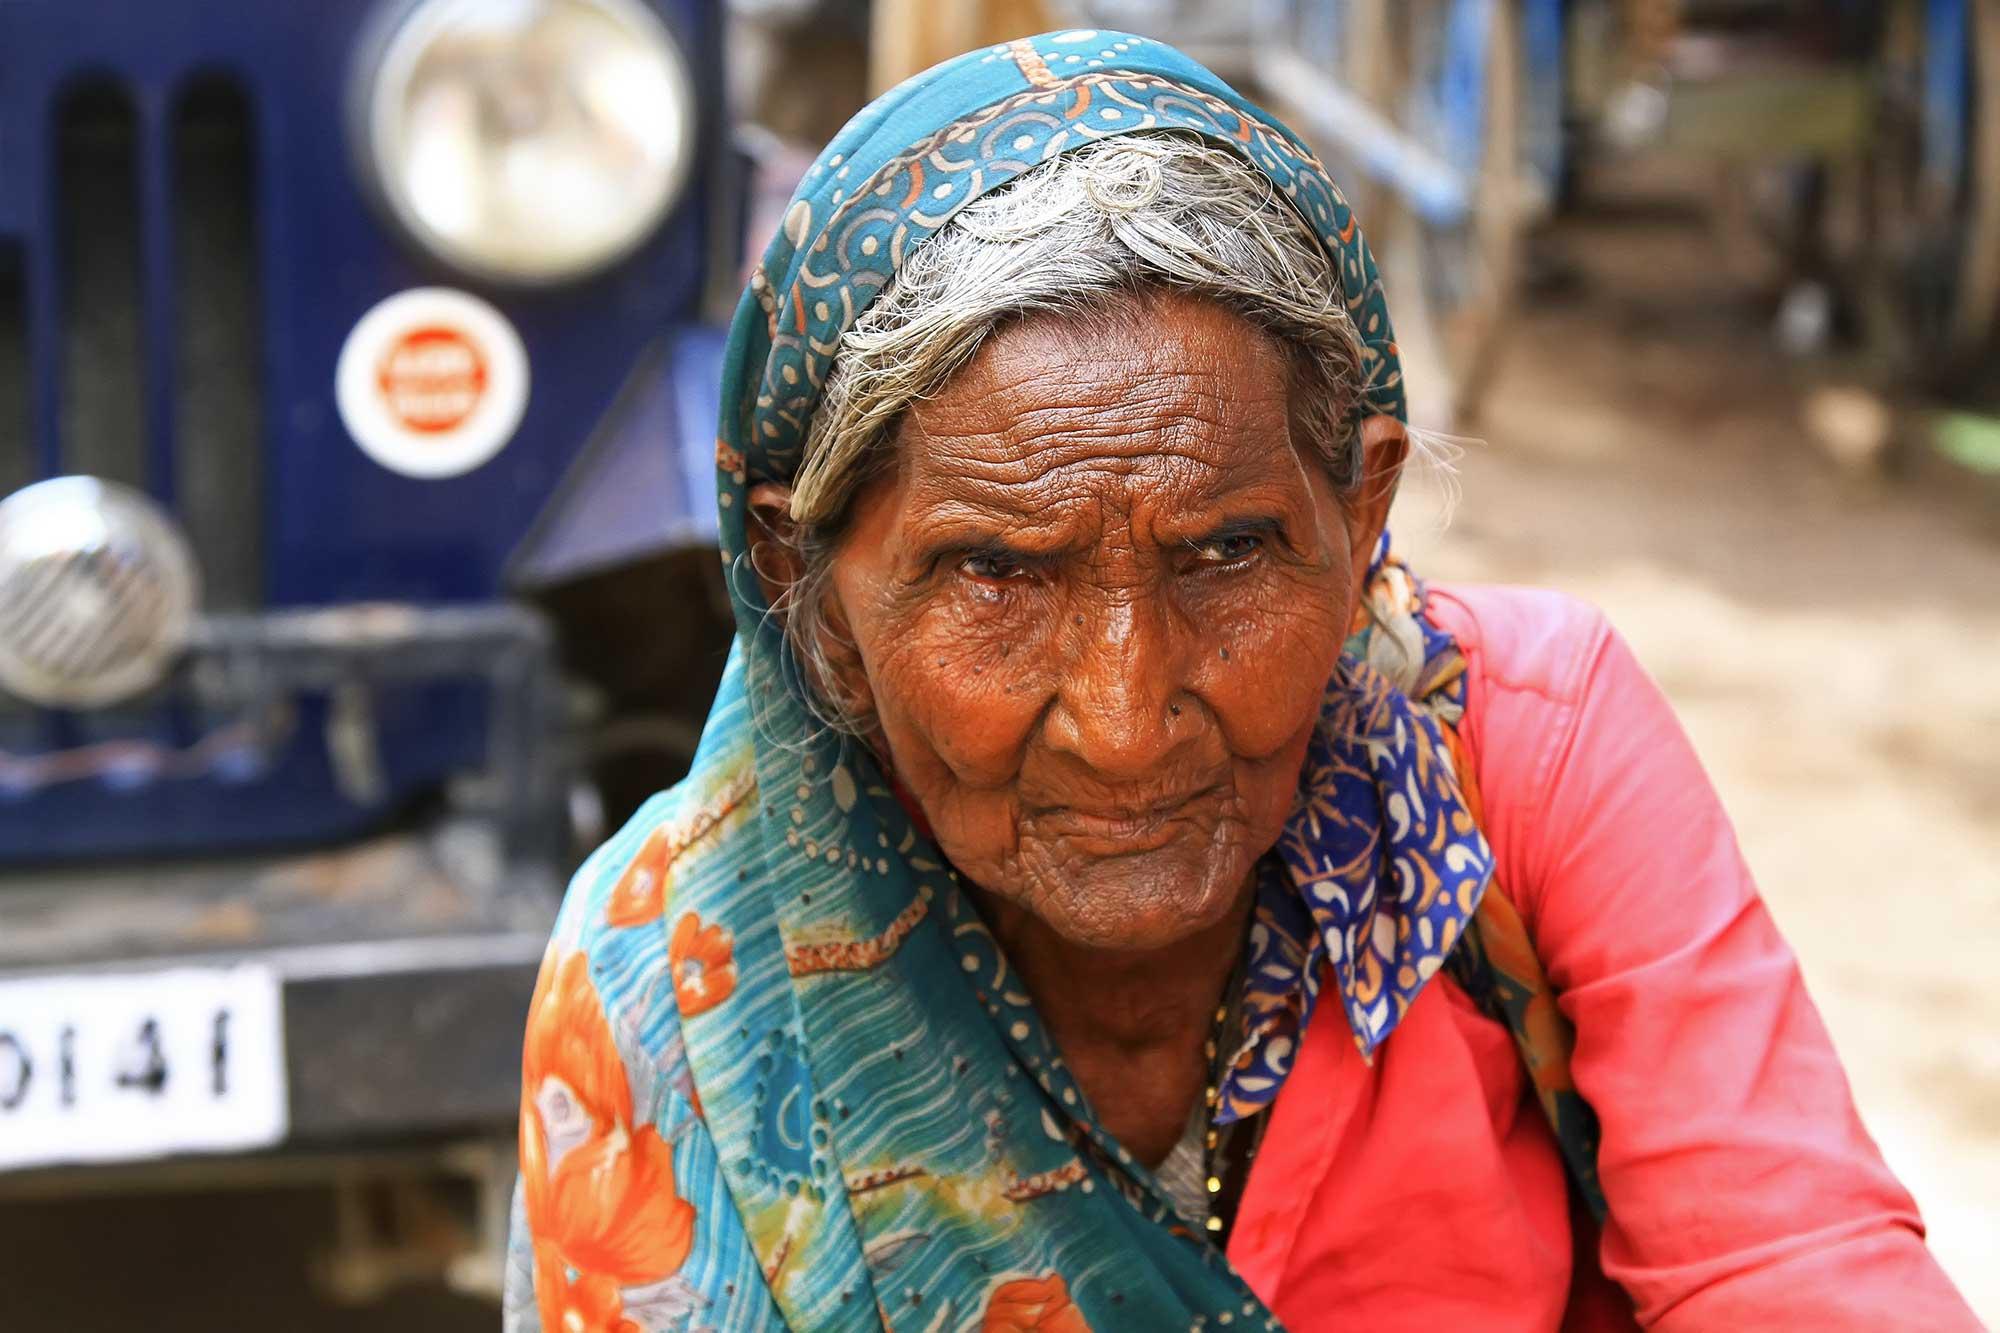 portrait-old-woman-steets-varanasi-india